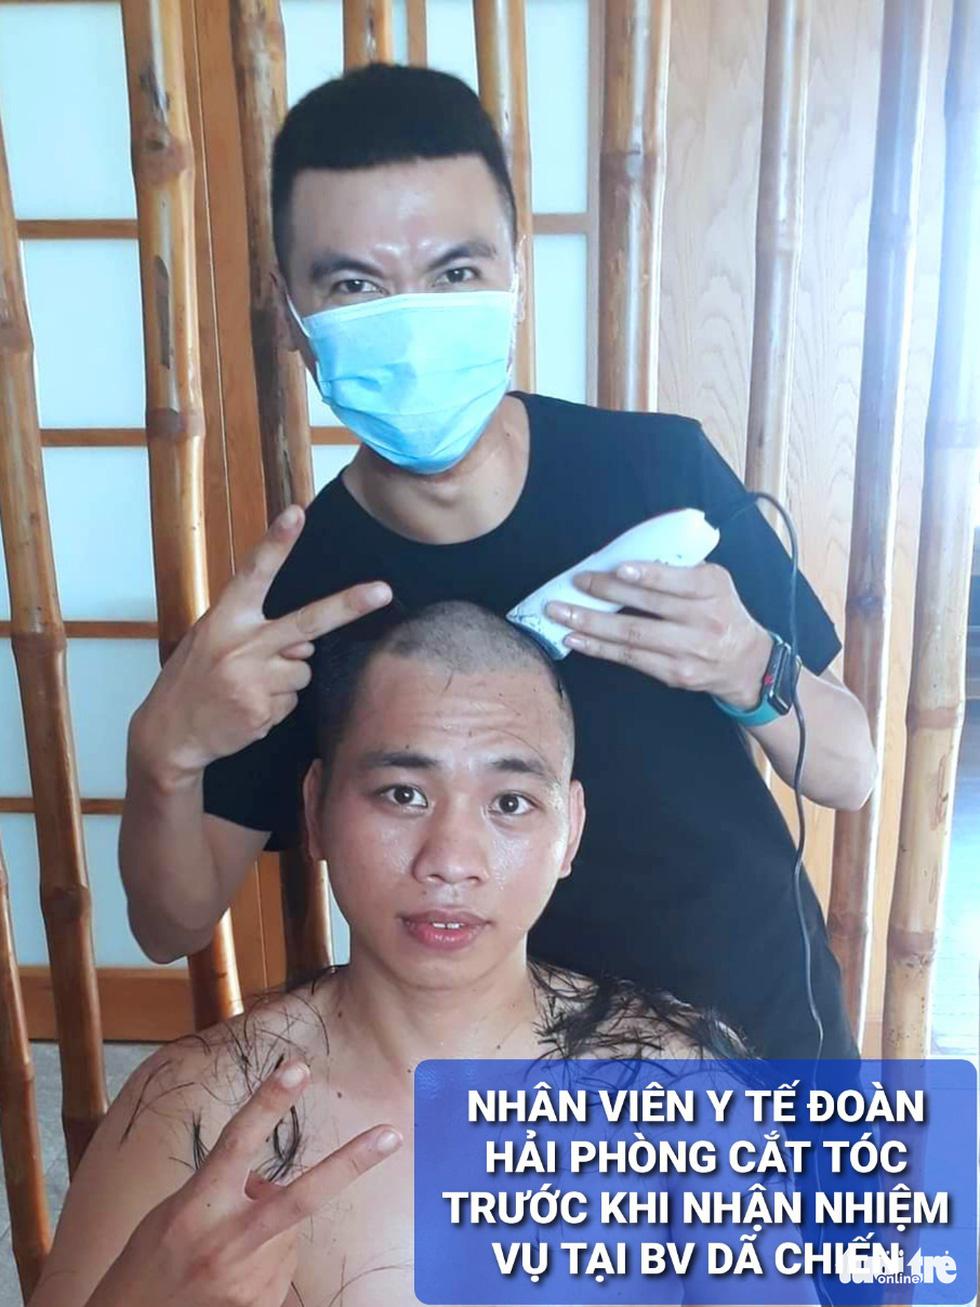 Nam y, bác sĩ TP Hải Phòng đồng loạt... cạo trọc trước khi vào tâm dịch Đà Nẵng - Ảnh 2.